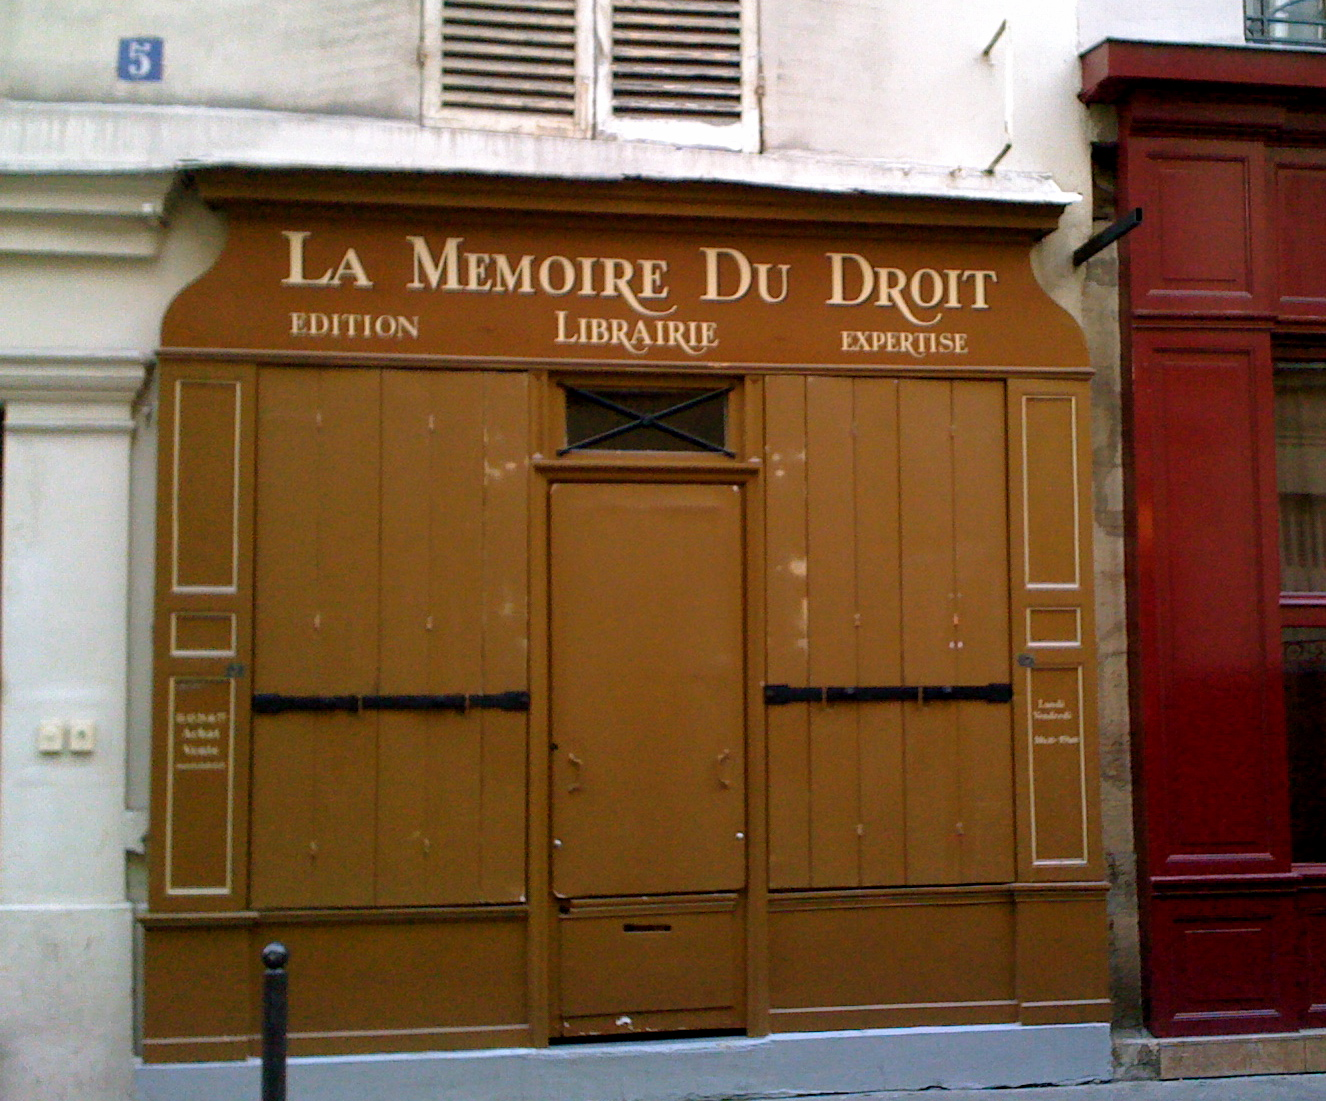 La Memoire du droit (C)photographer Michel Levraux